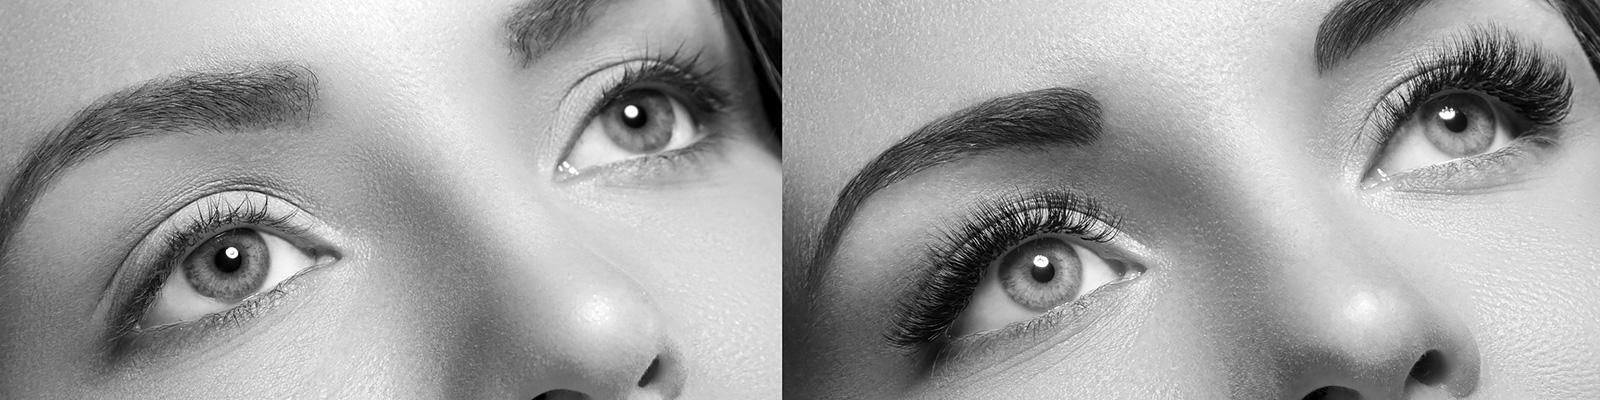 写真 顔 加工 イメージ